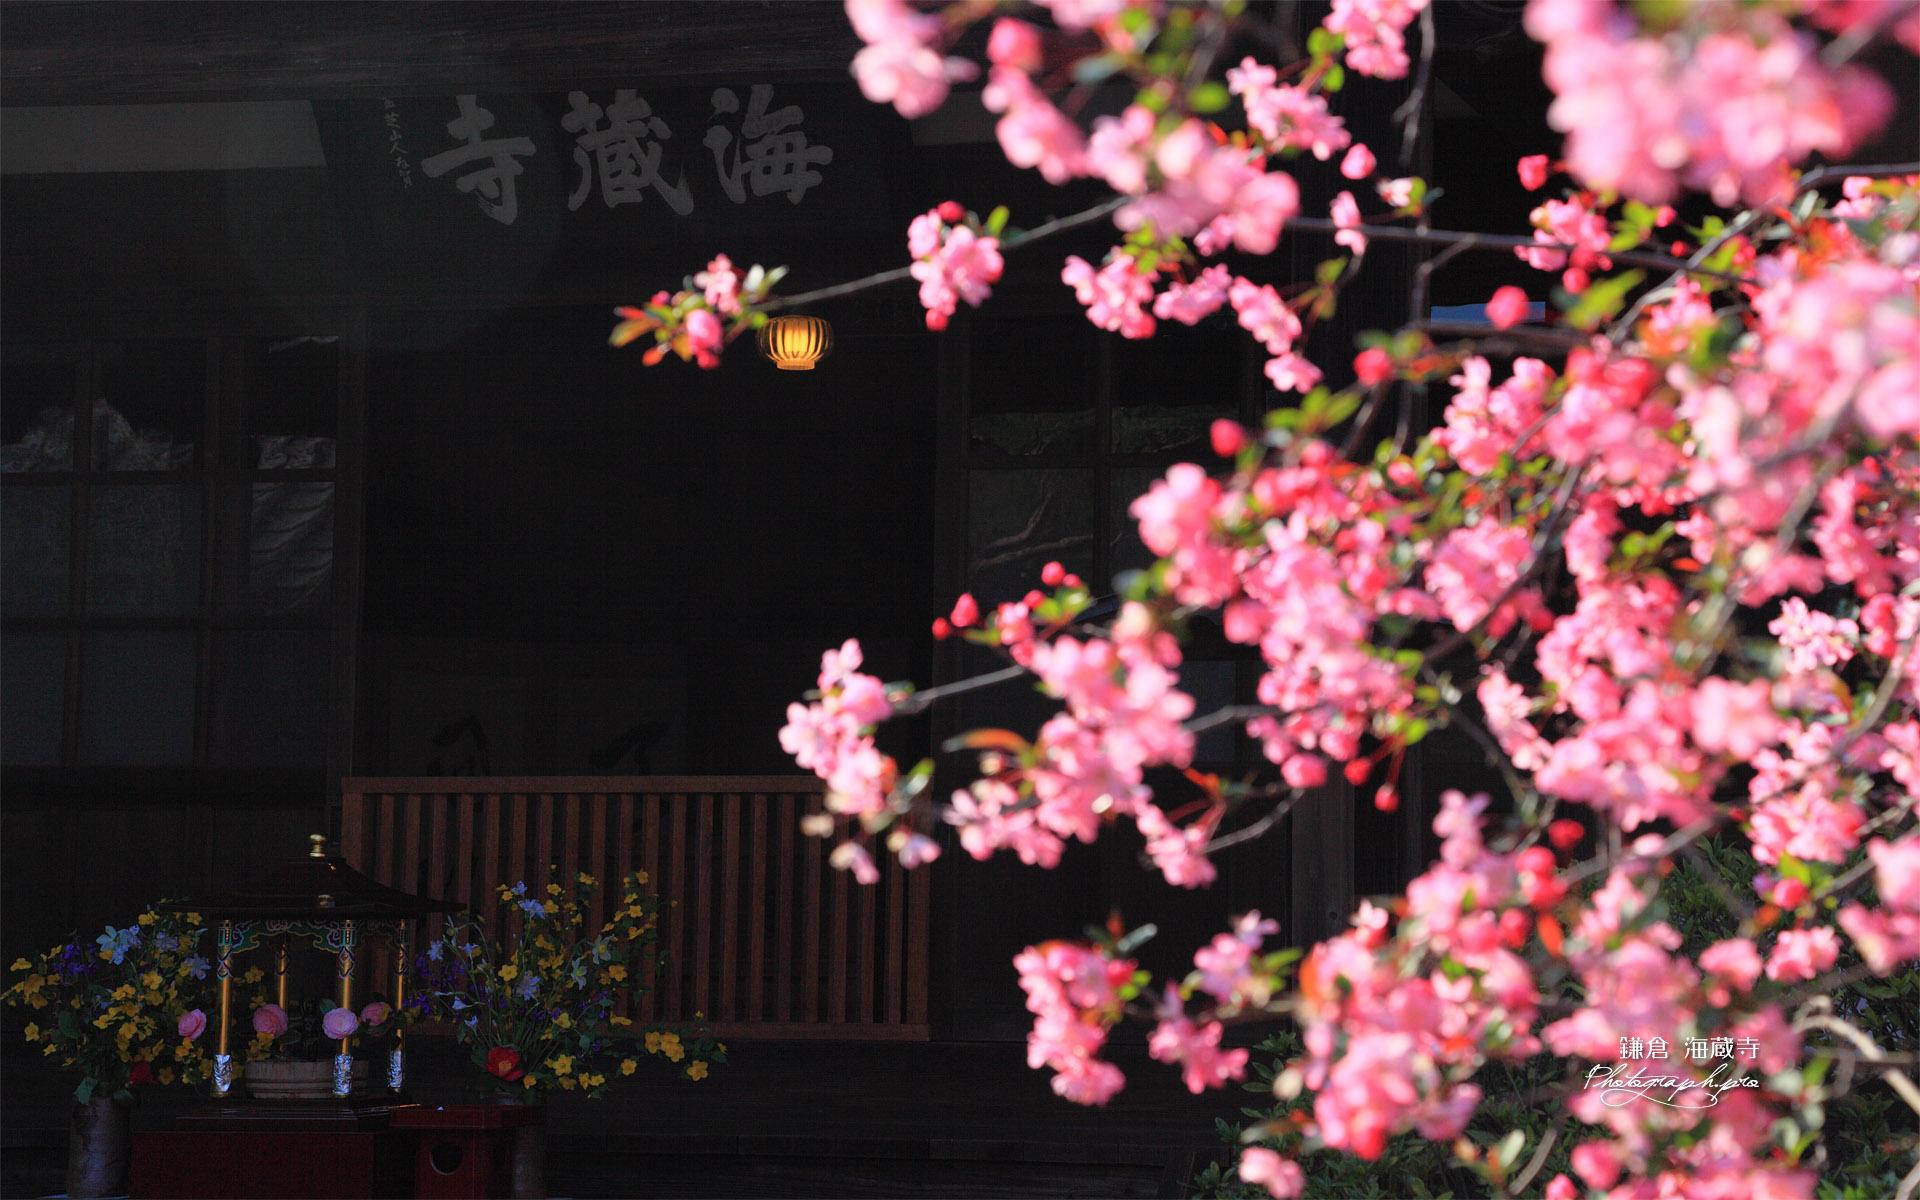 海蔵寺 ハナカイドウ越しの花御堂